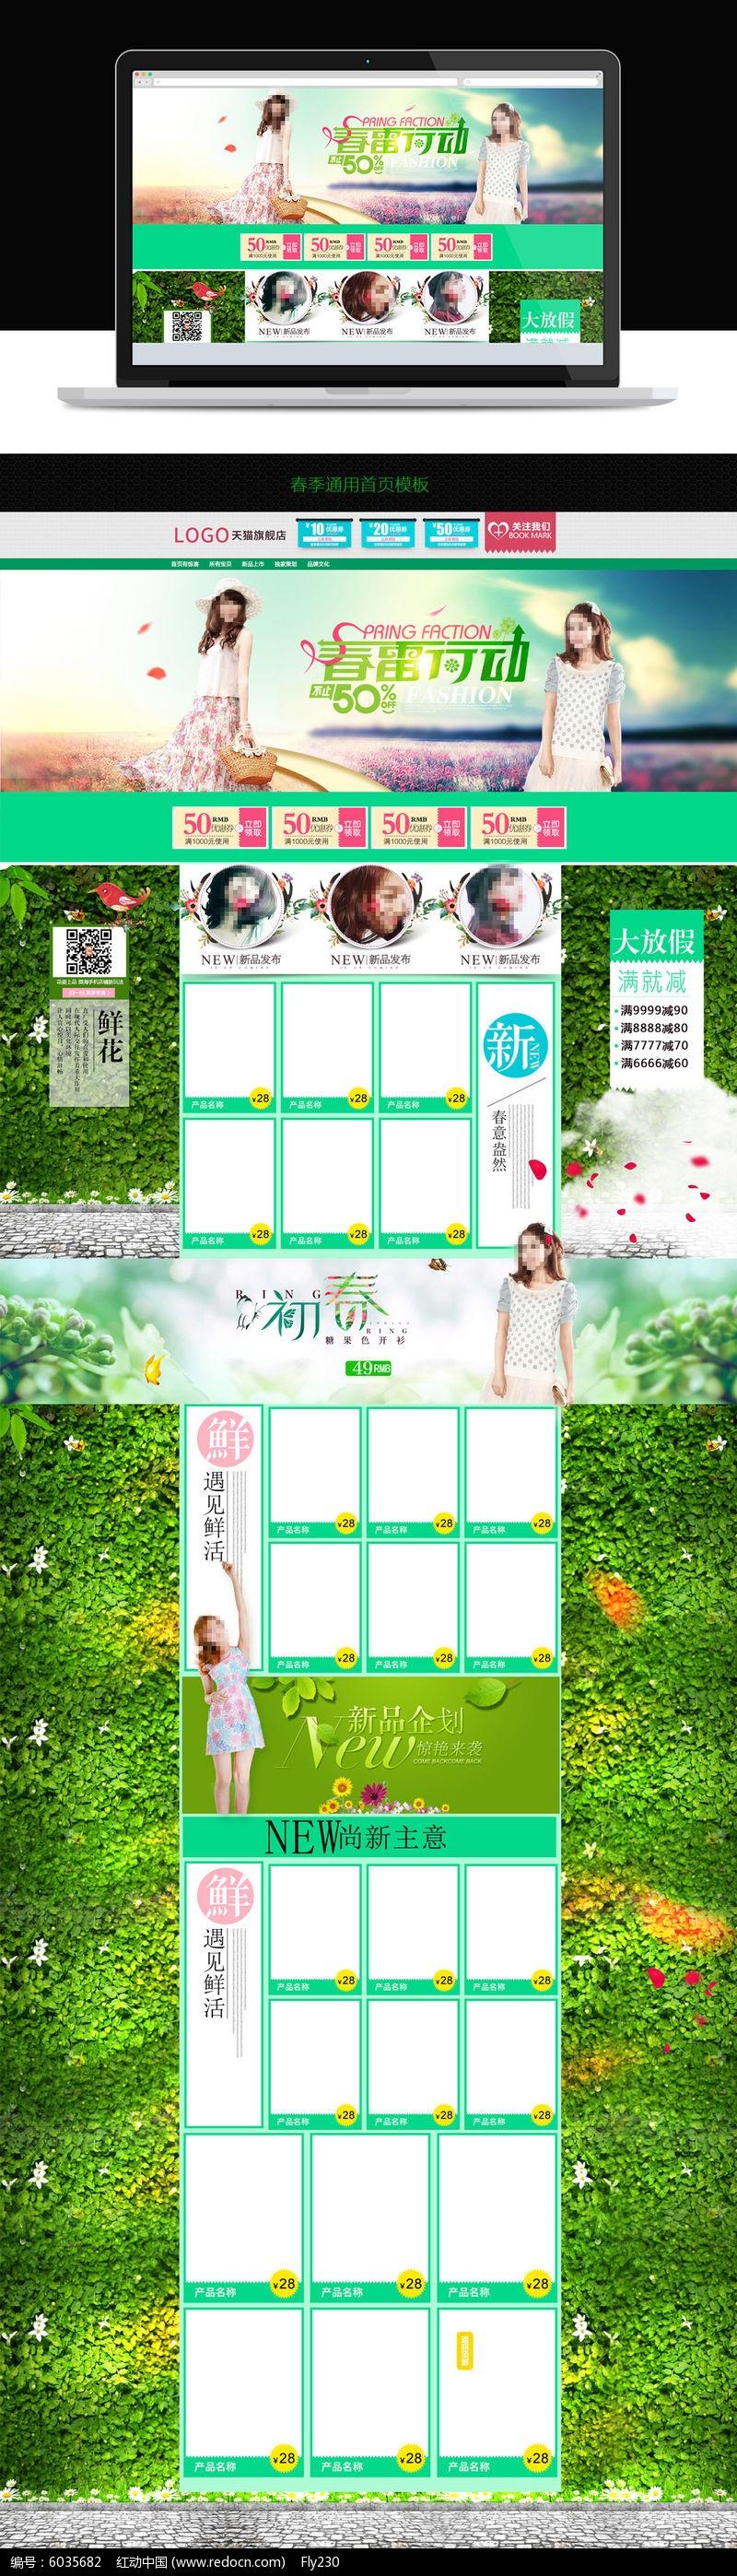 淘宝天猫春季女装美妆首页模板图片